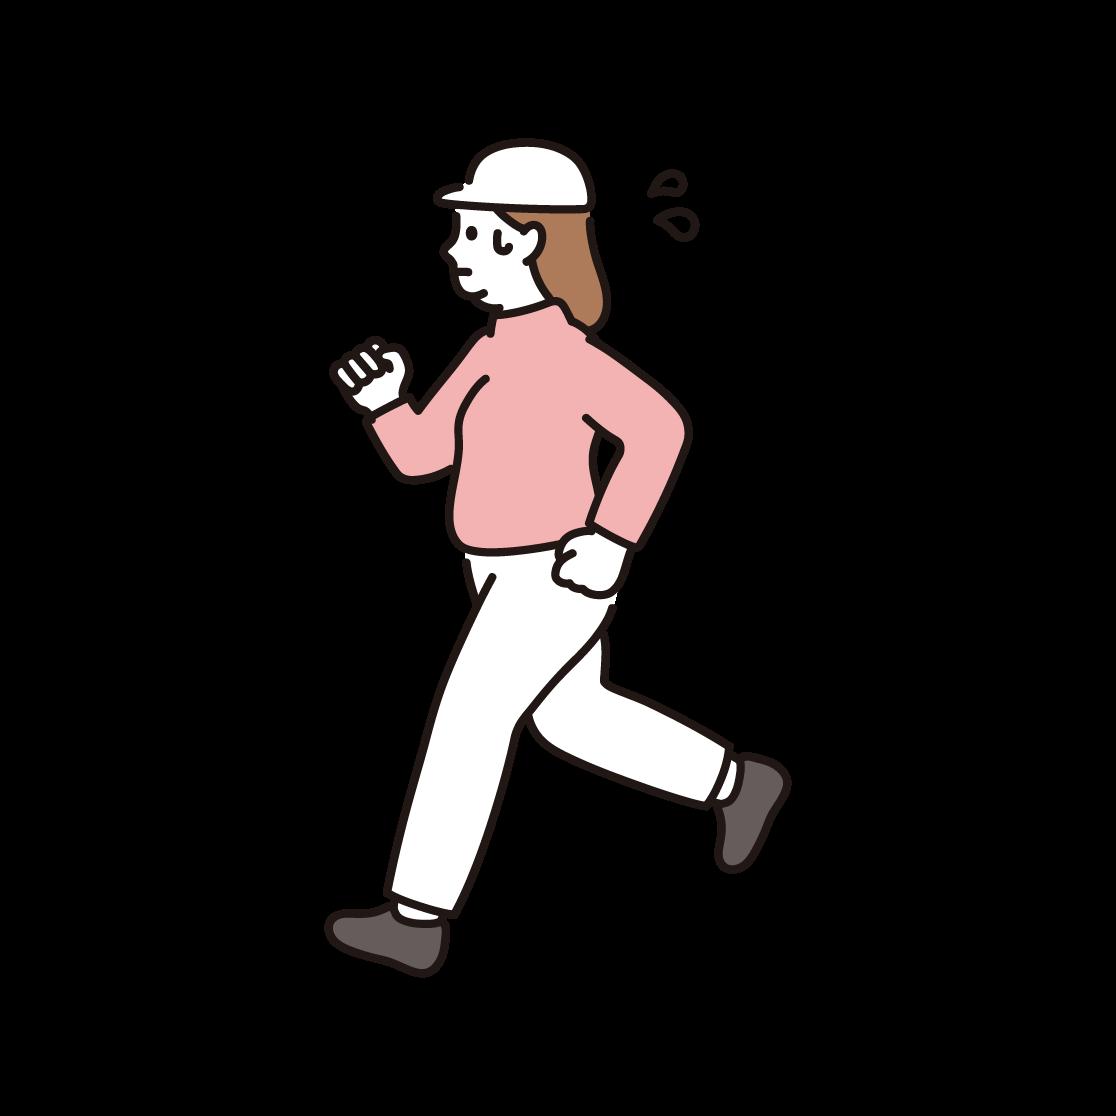 ジョギング(ダイエット)をする女性